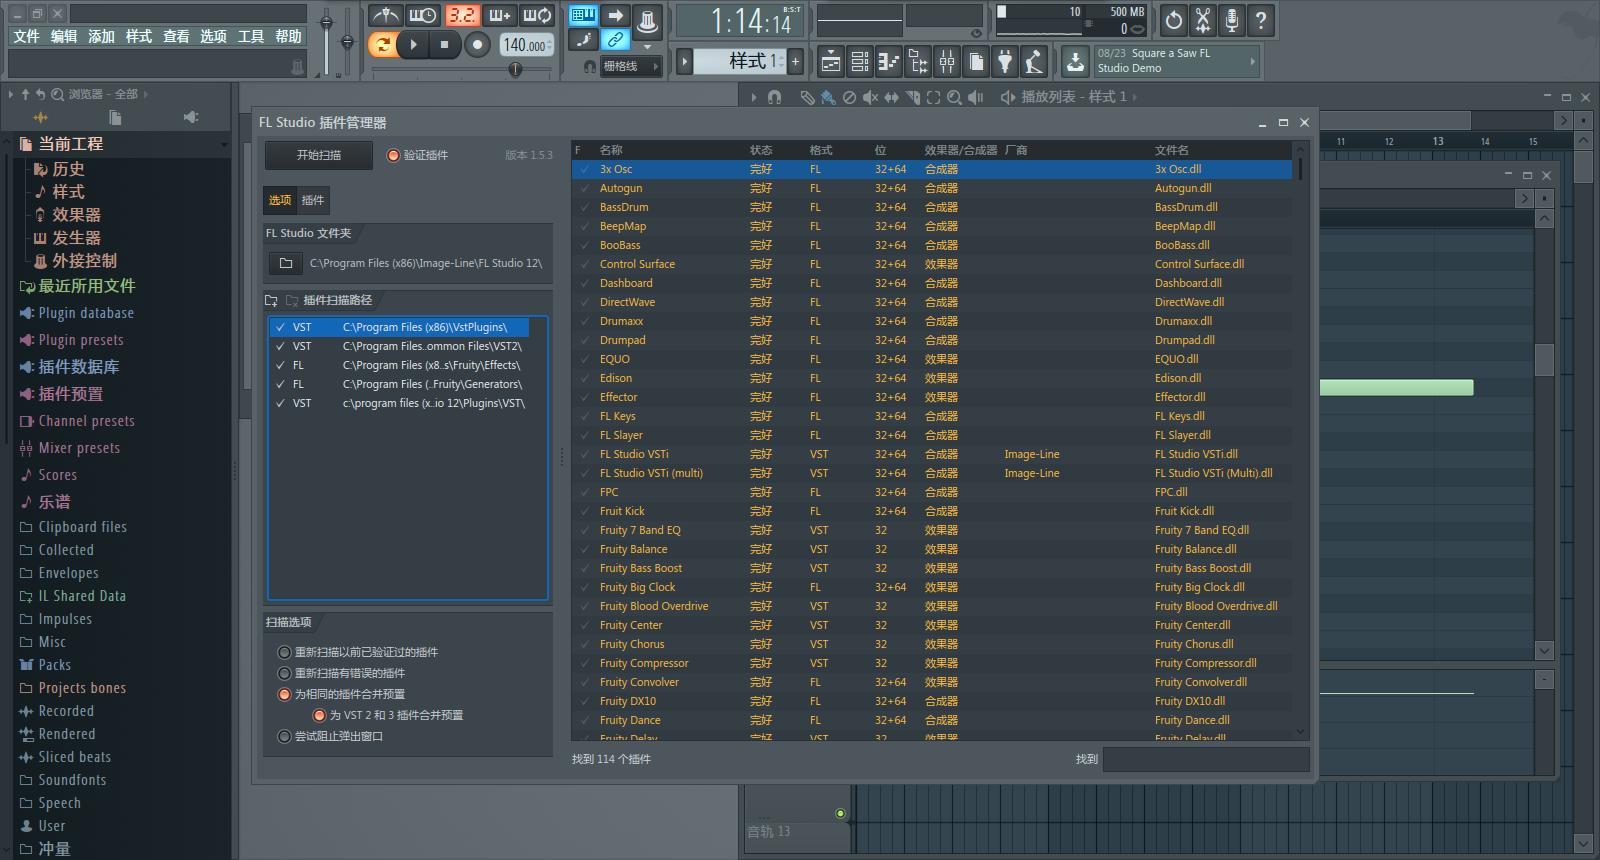 FL Studio截图5